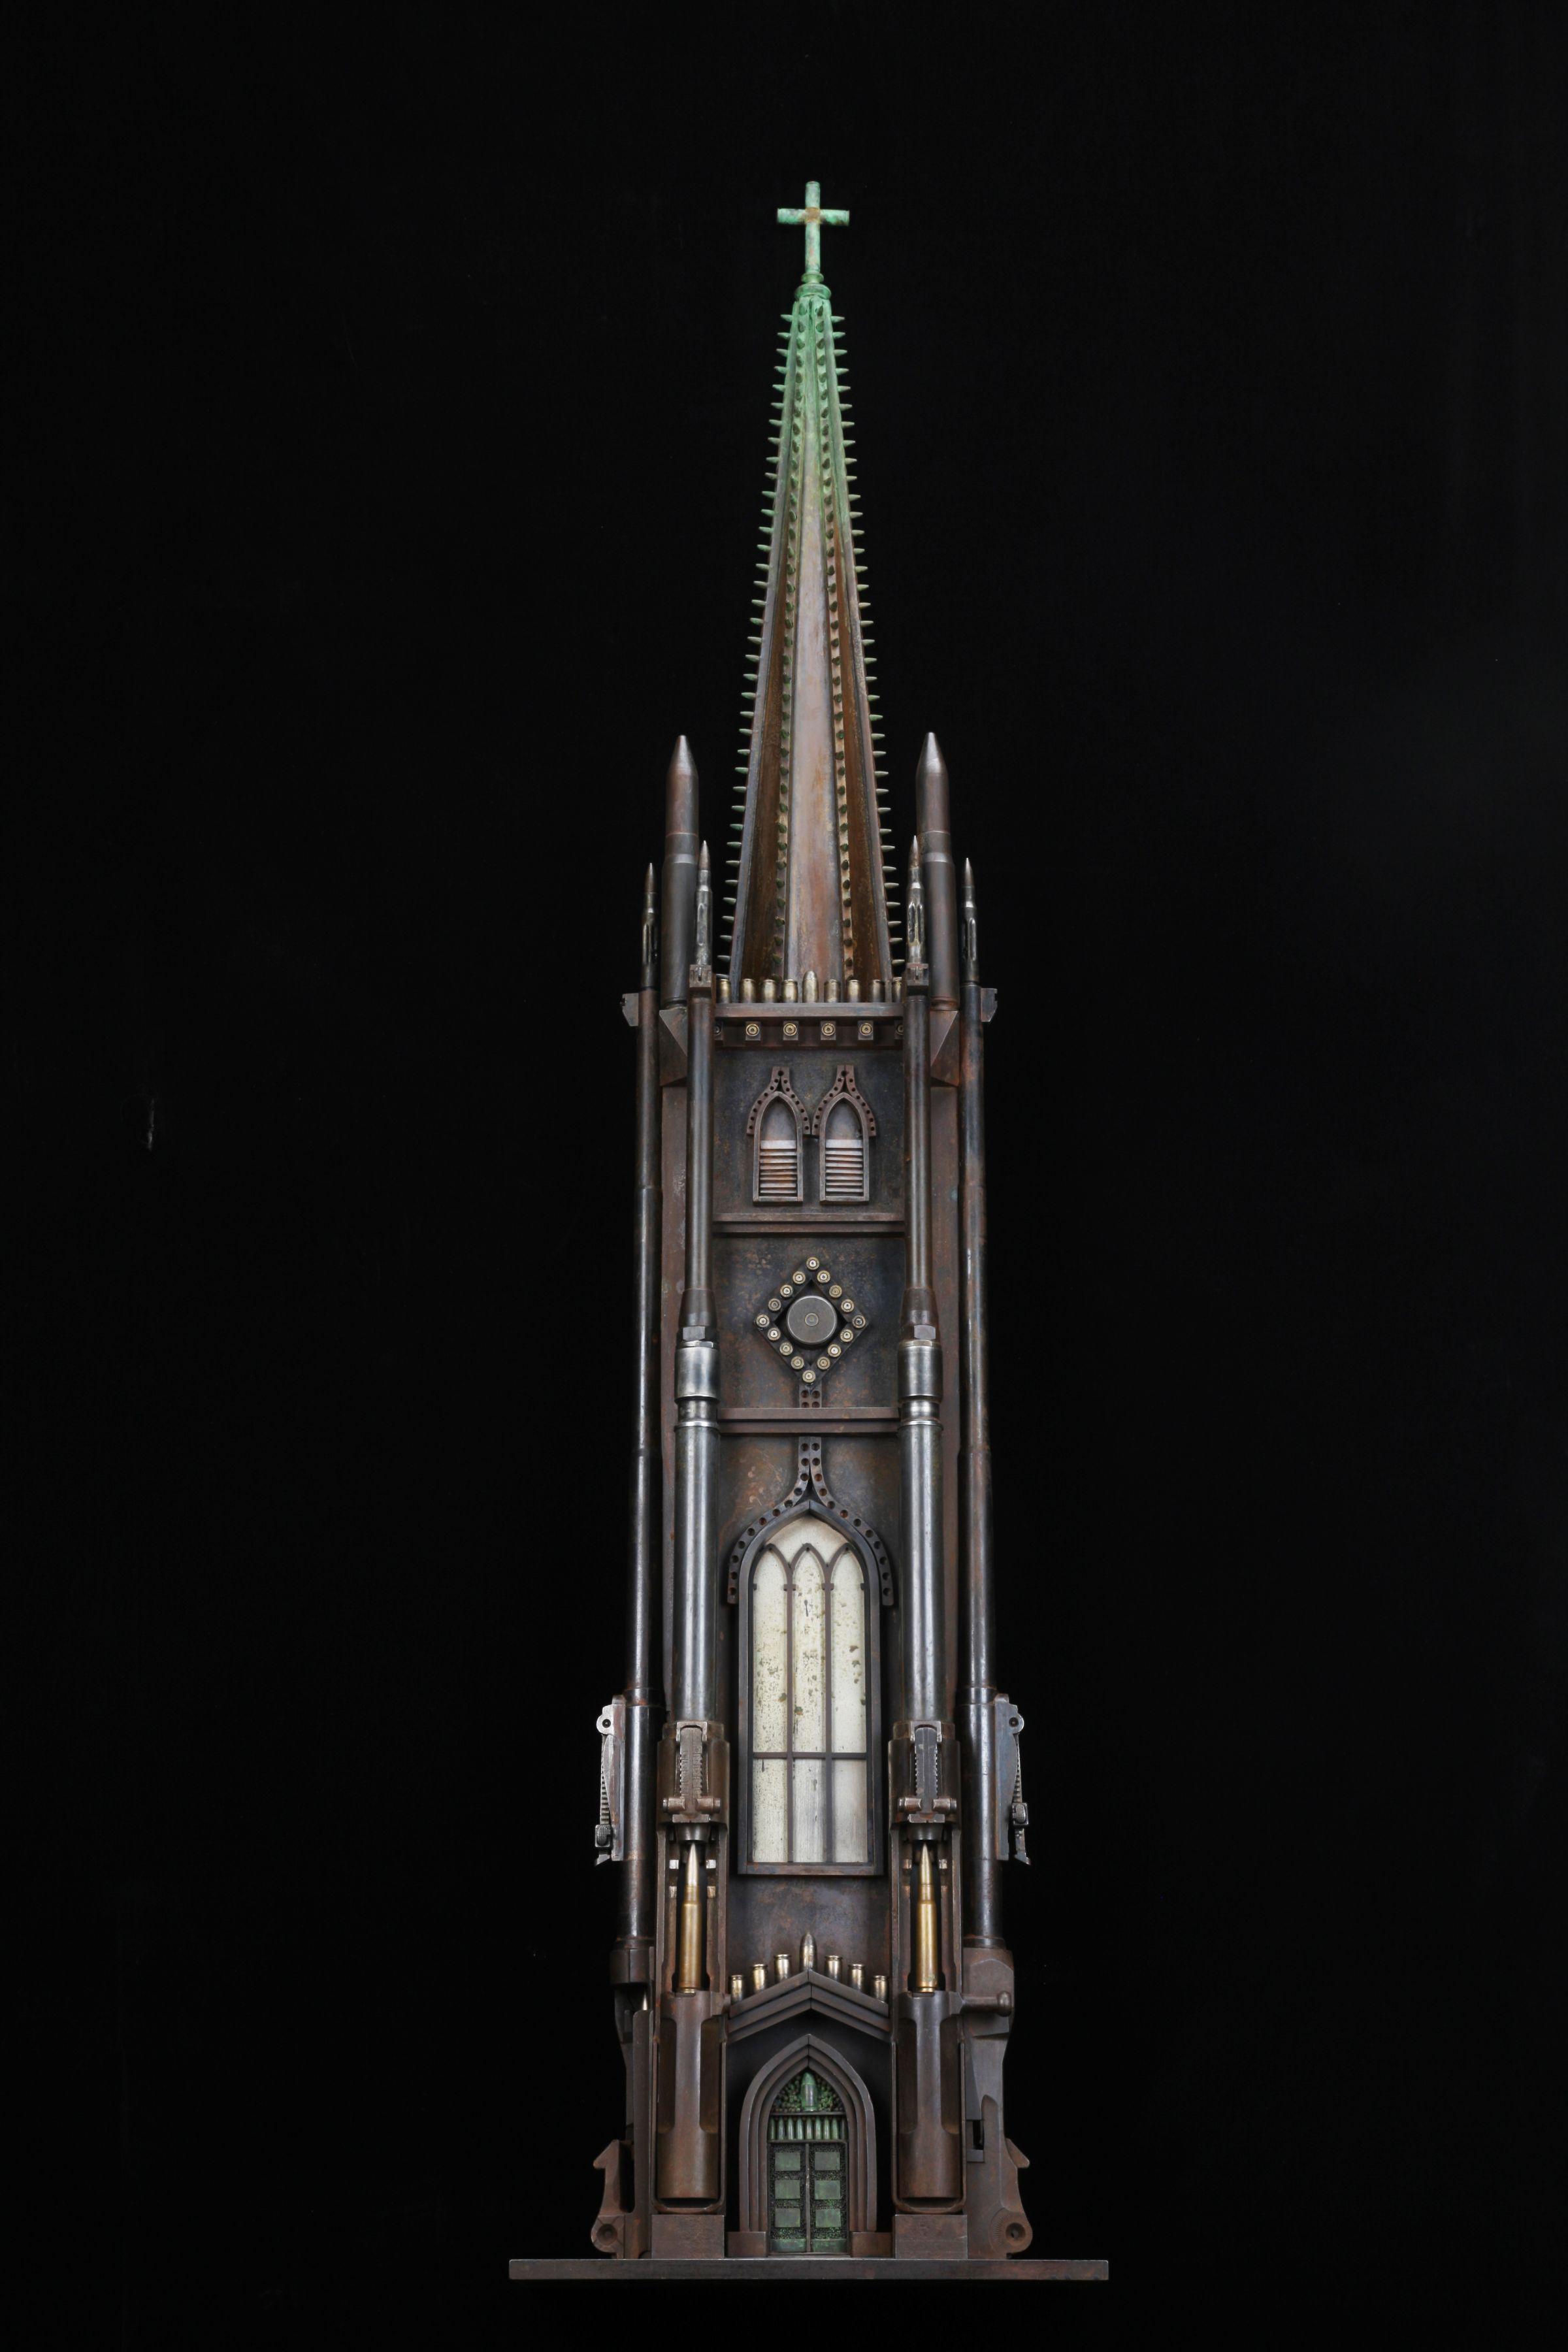 Al Farrow, Sketch of Trinity Church, 2014, guns, bullets, cartridge shells, steel, glass, 51 ½ x 12 x 7 inches